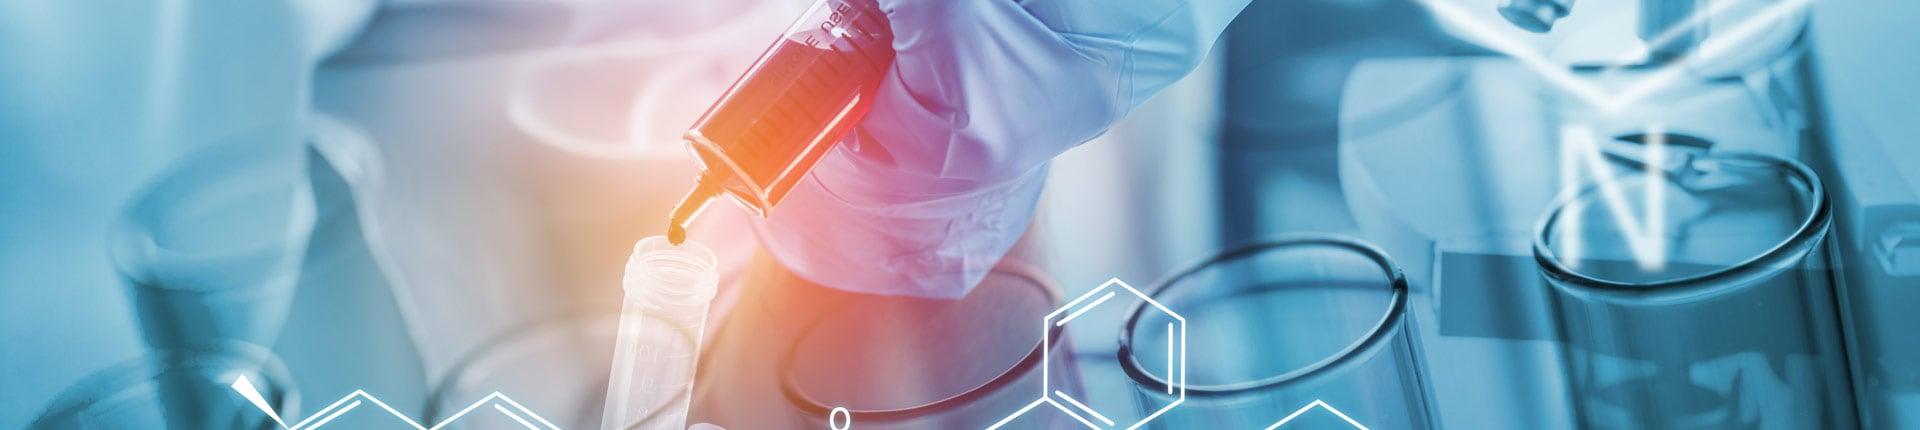 Czy Metanabol jest bezpieczny? Skutki uboczne